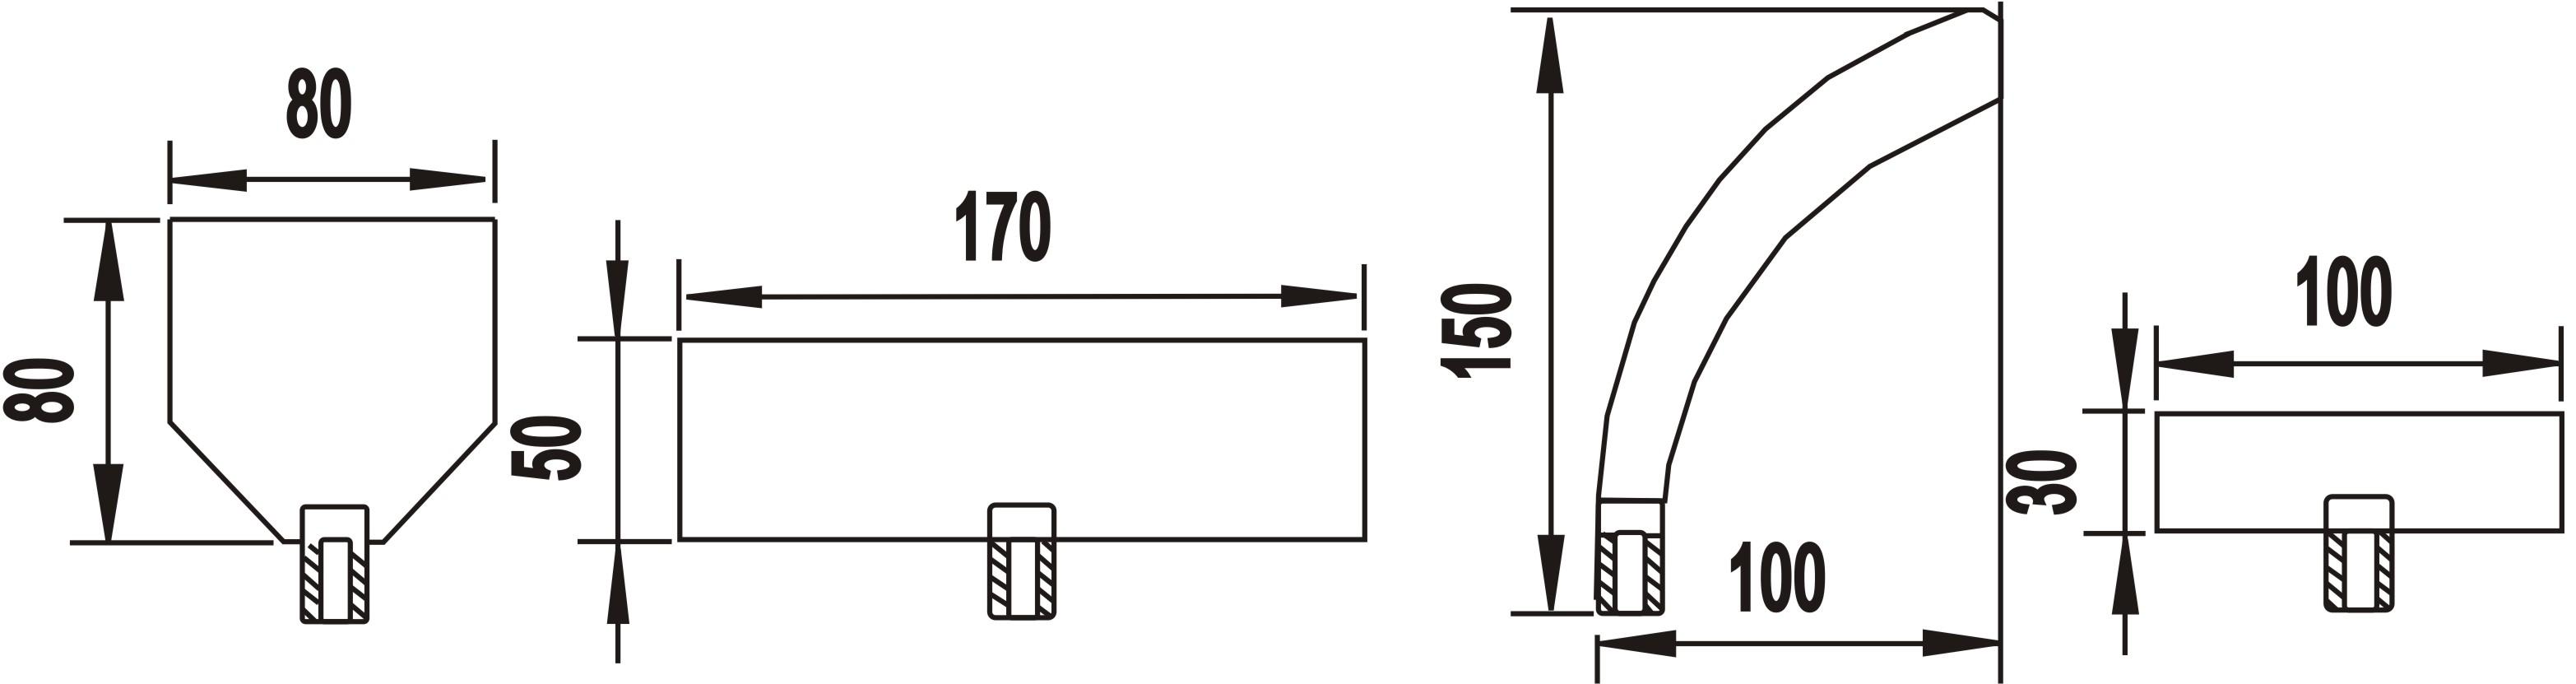 物位变送器;阻旋式料位开关zx120-180-ea6zz80-10m